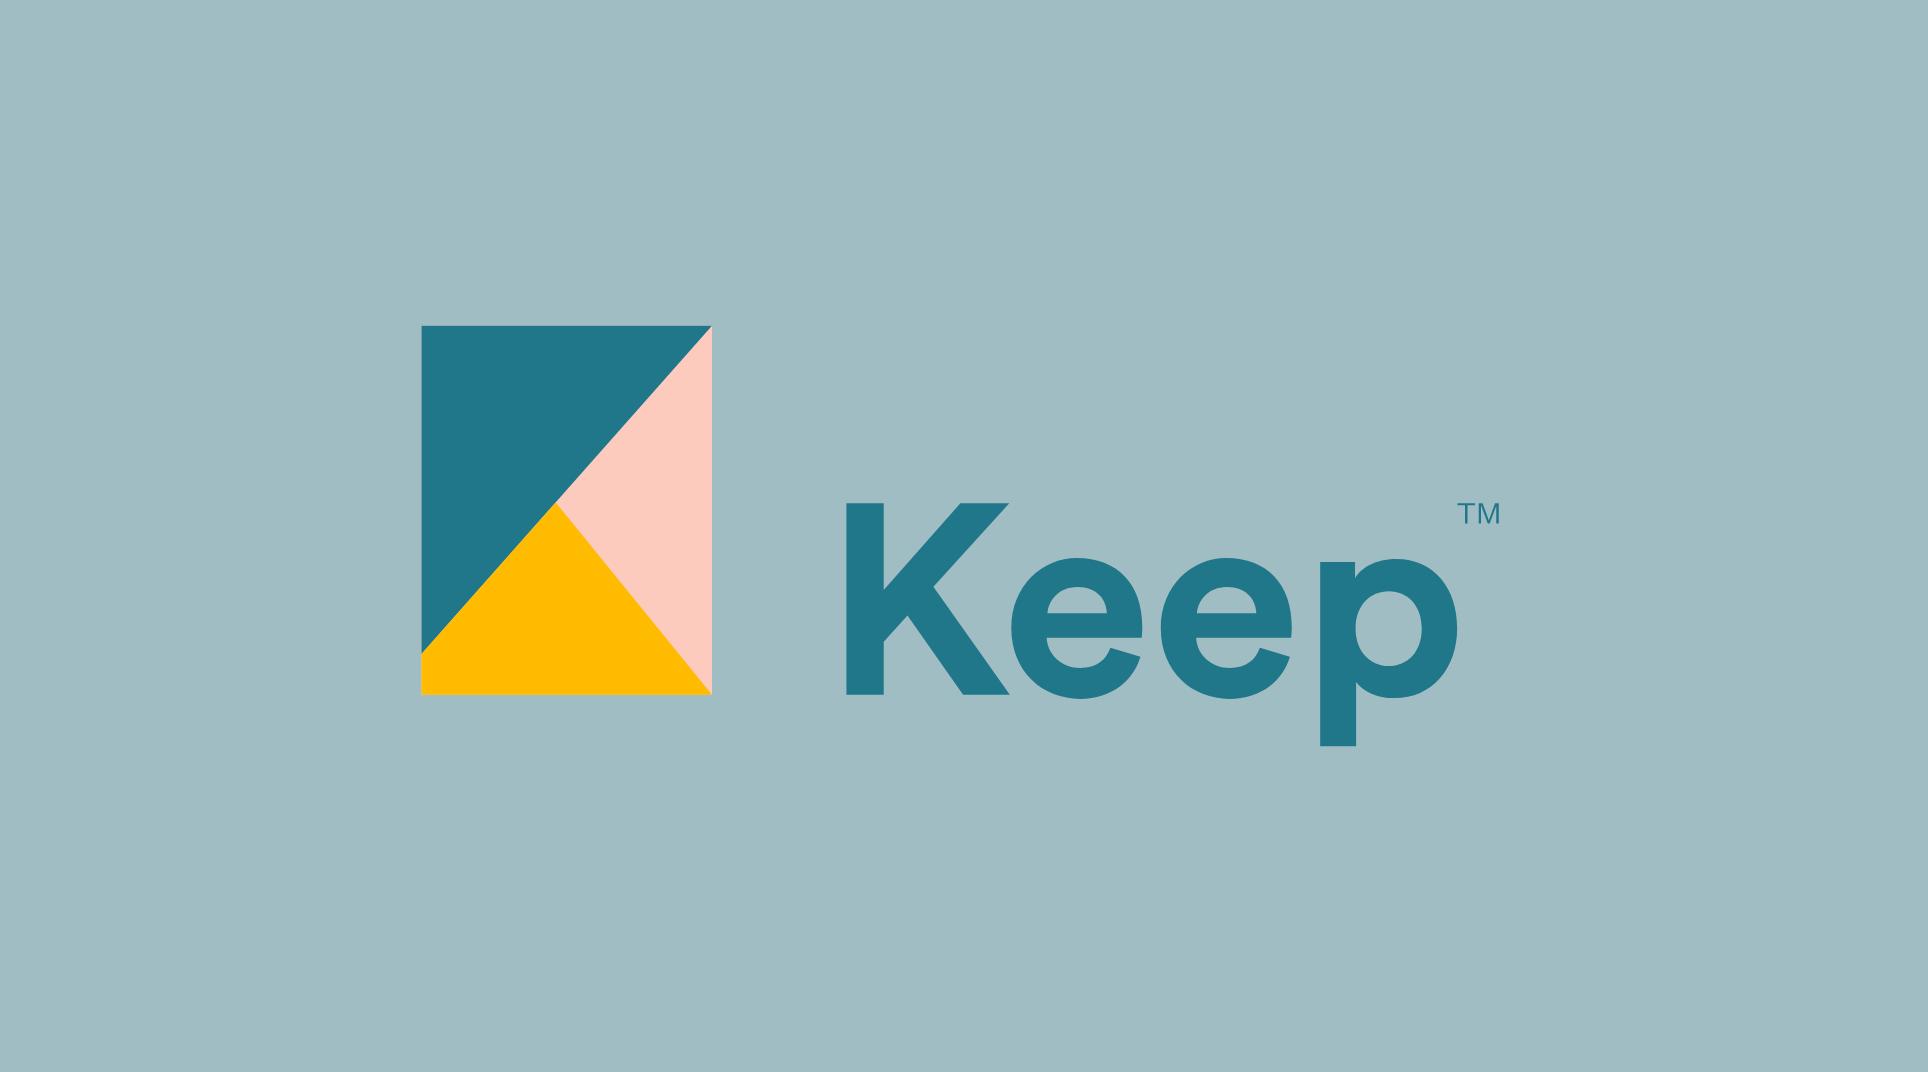 Keep logo